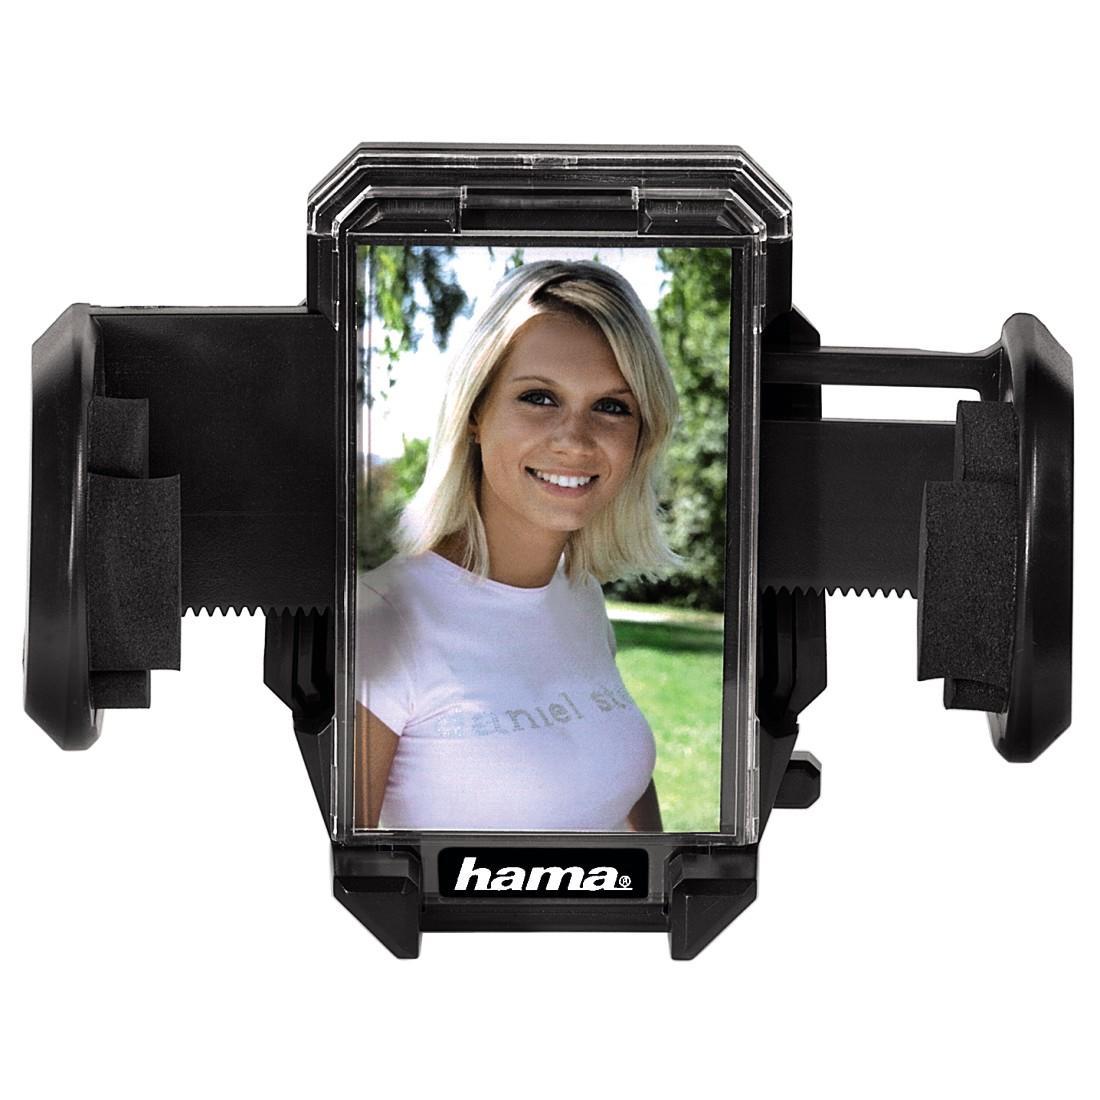 HAMA Универсален холдер за навигации/телефон/таблет за стъкло и кола с р-р: 4-11см